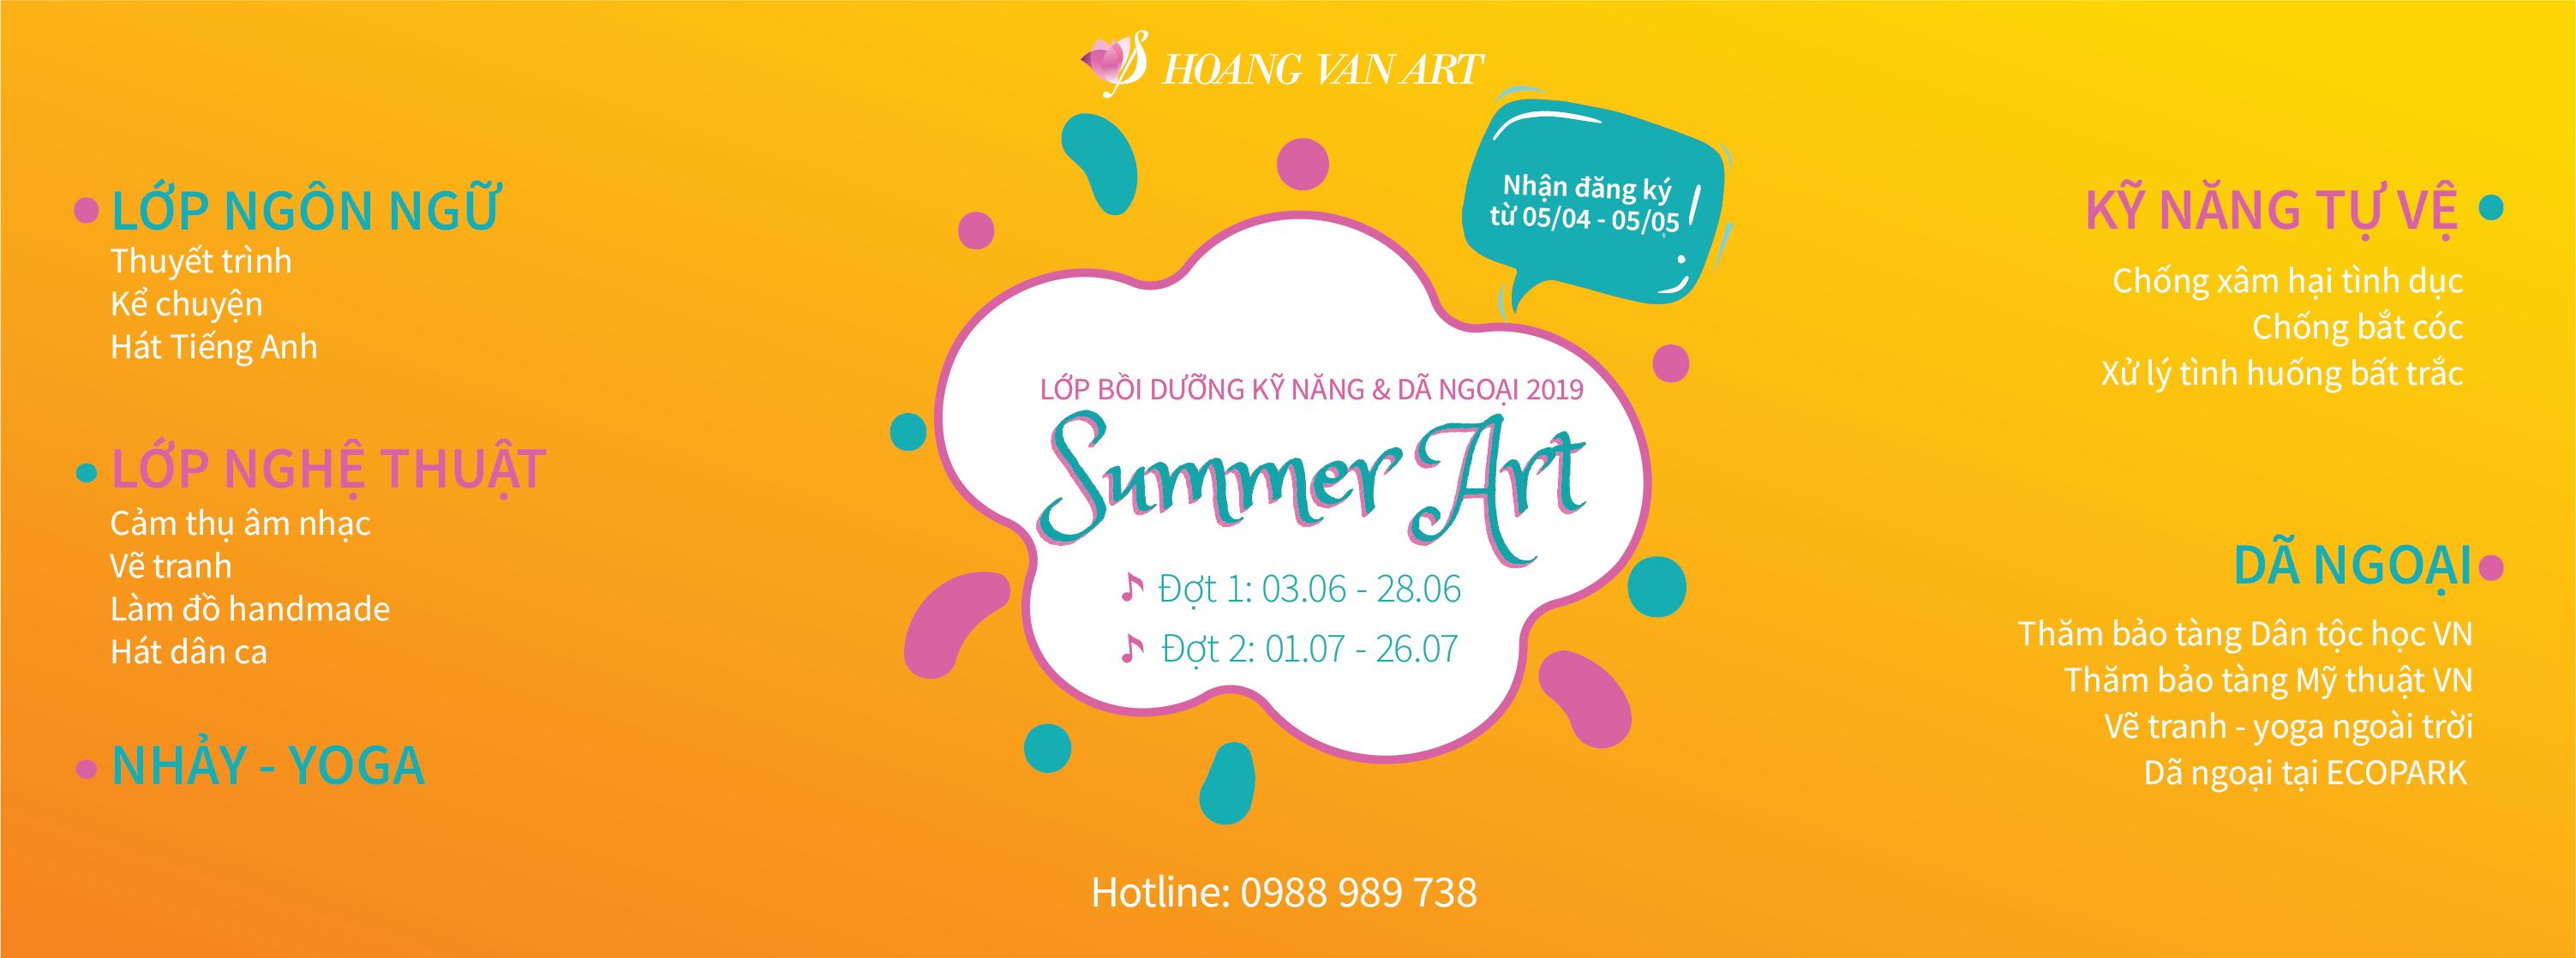 Mùa hè nghệ thuật 2019 của Hoang Van Art tại Hà Nội